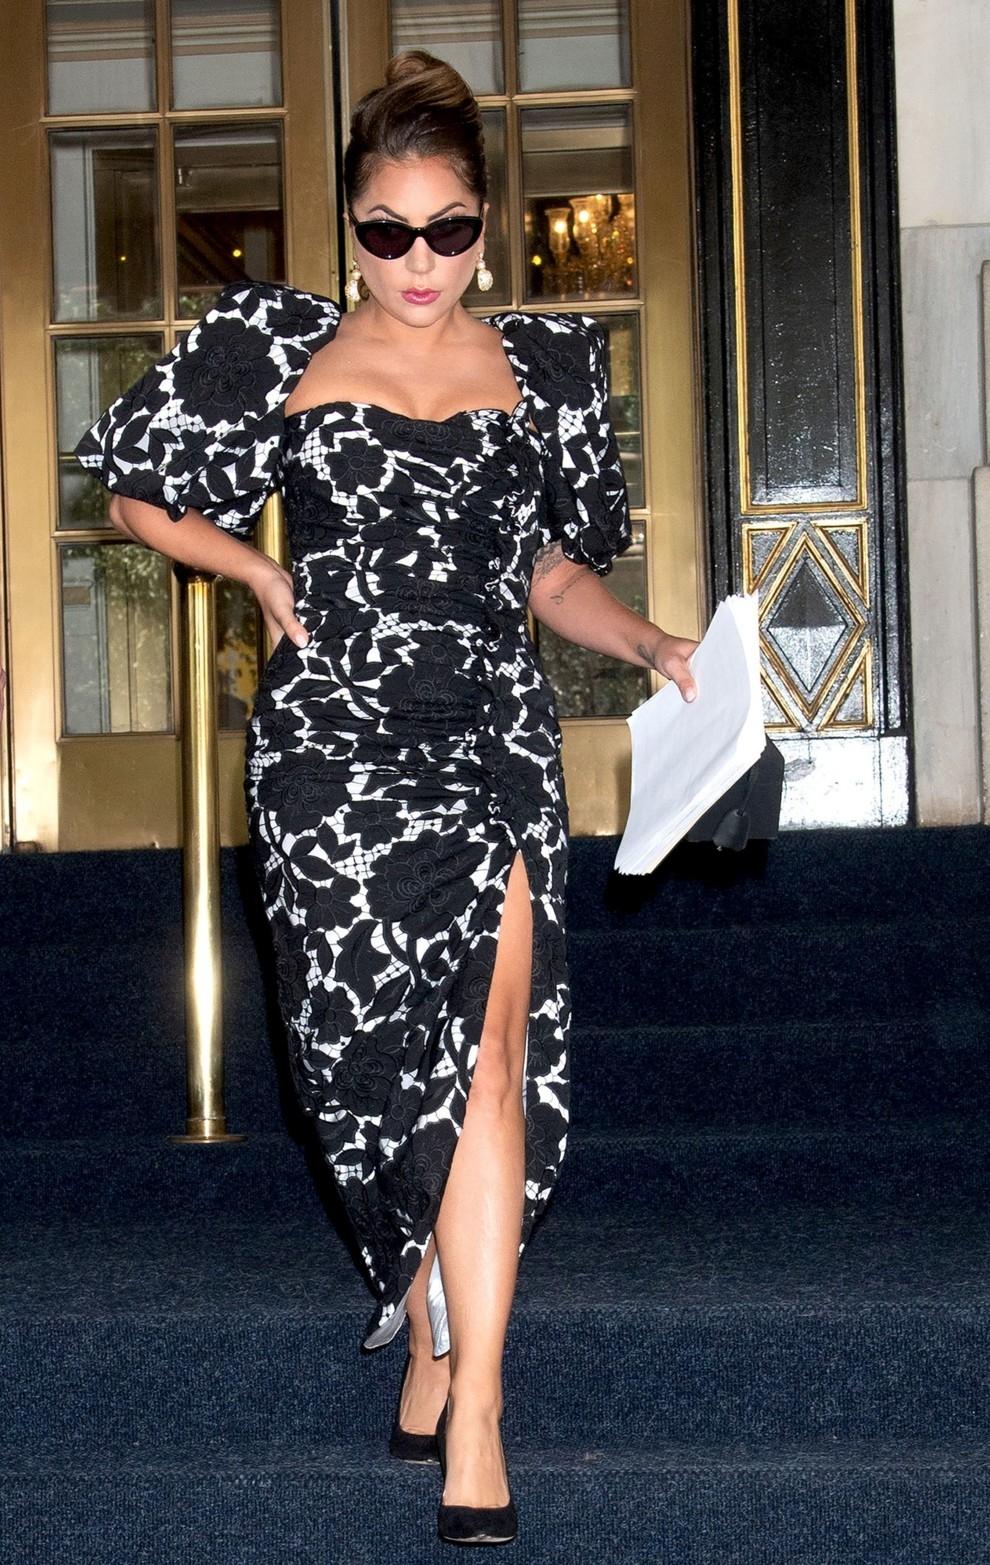 В духе старого Голливуда: Леди Гага восхитила поклонников новыми образами (ФОТО+ГОЛОСОВАНИЕ) - фото №3